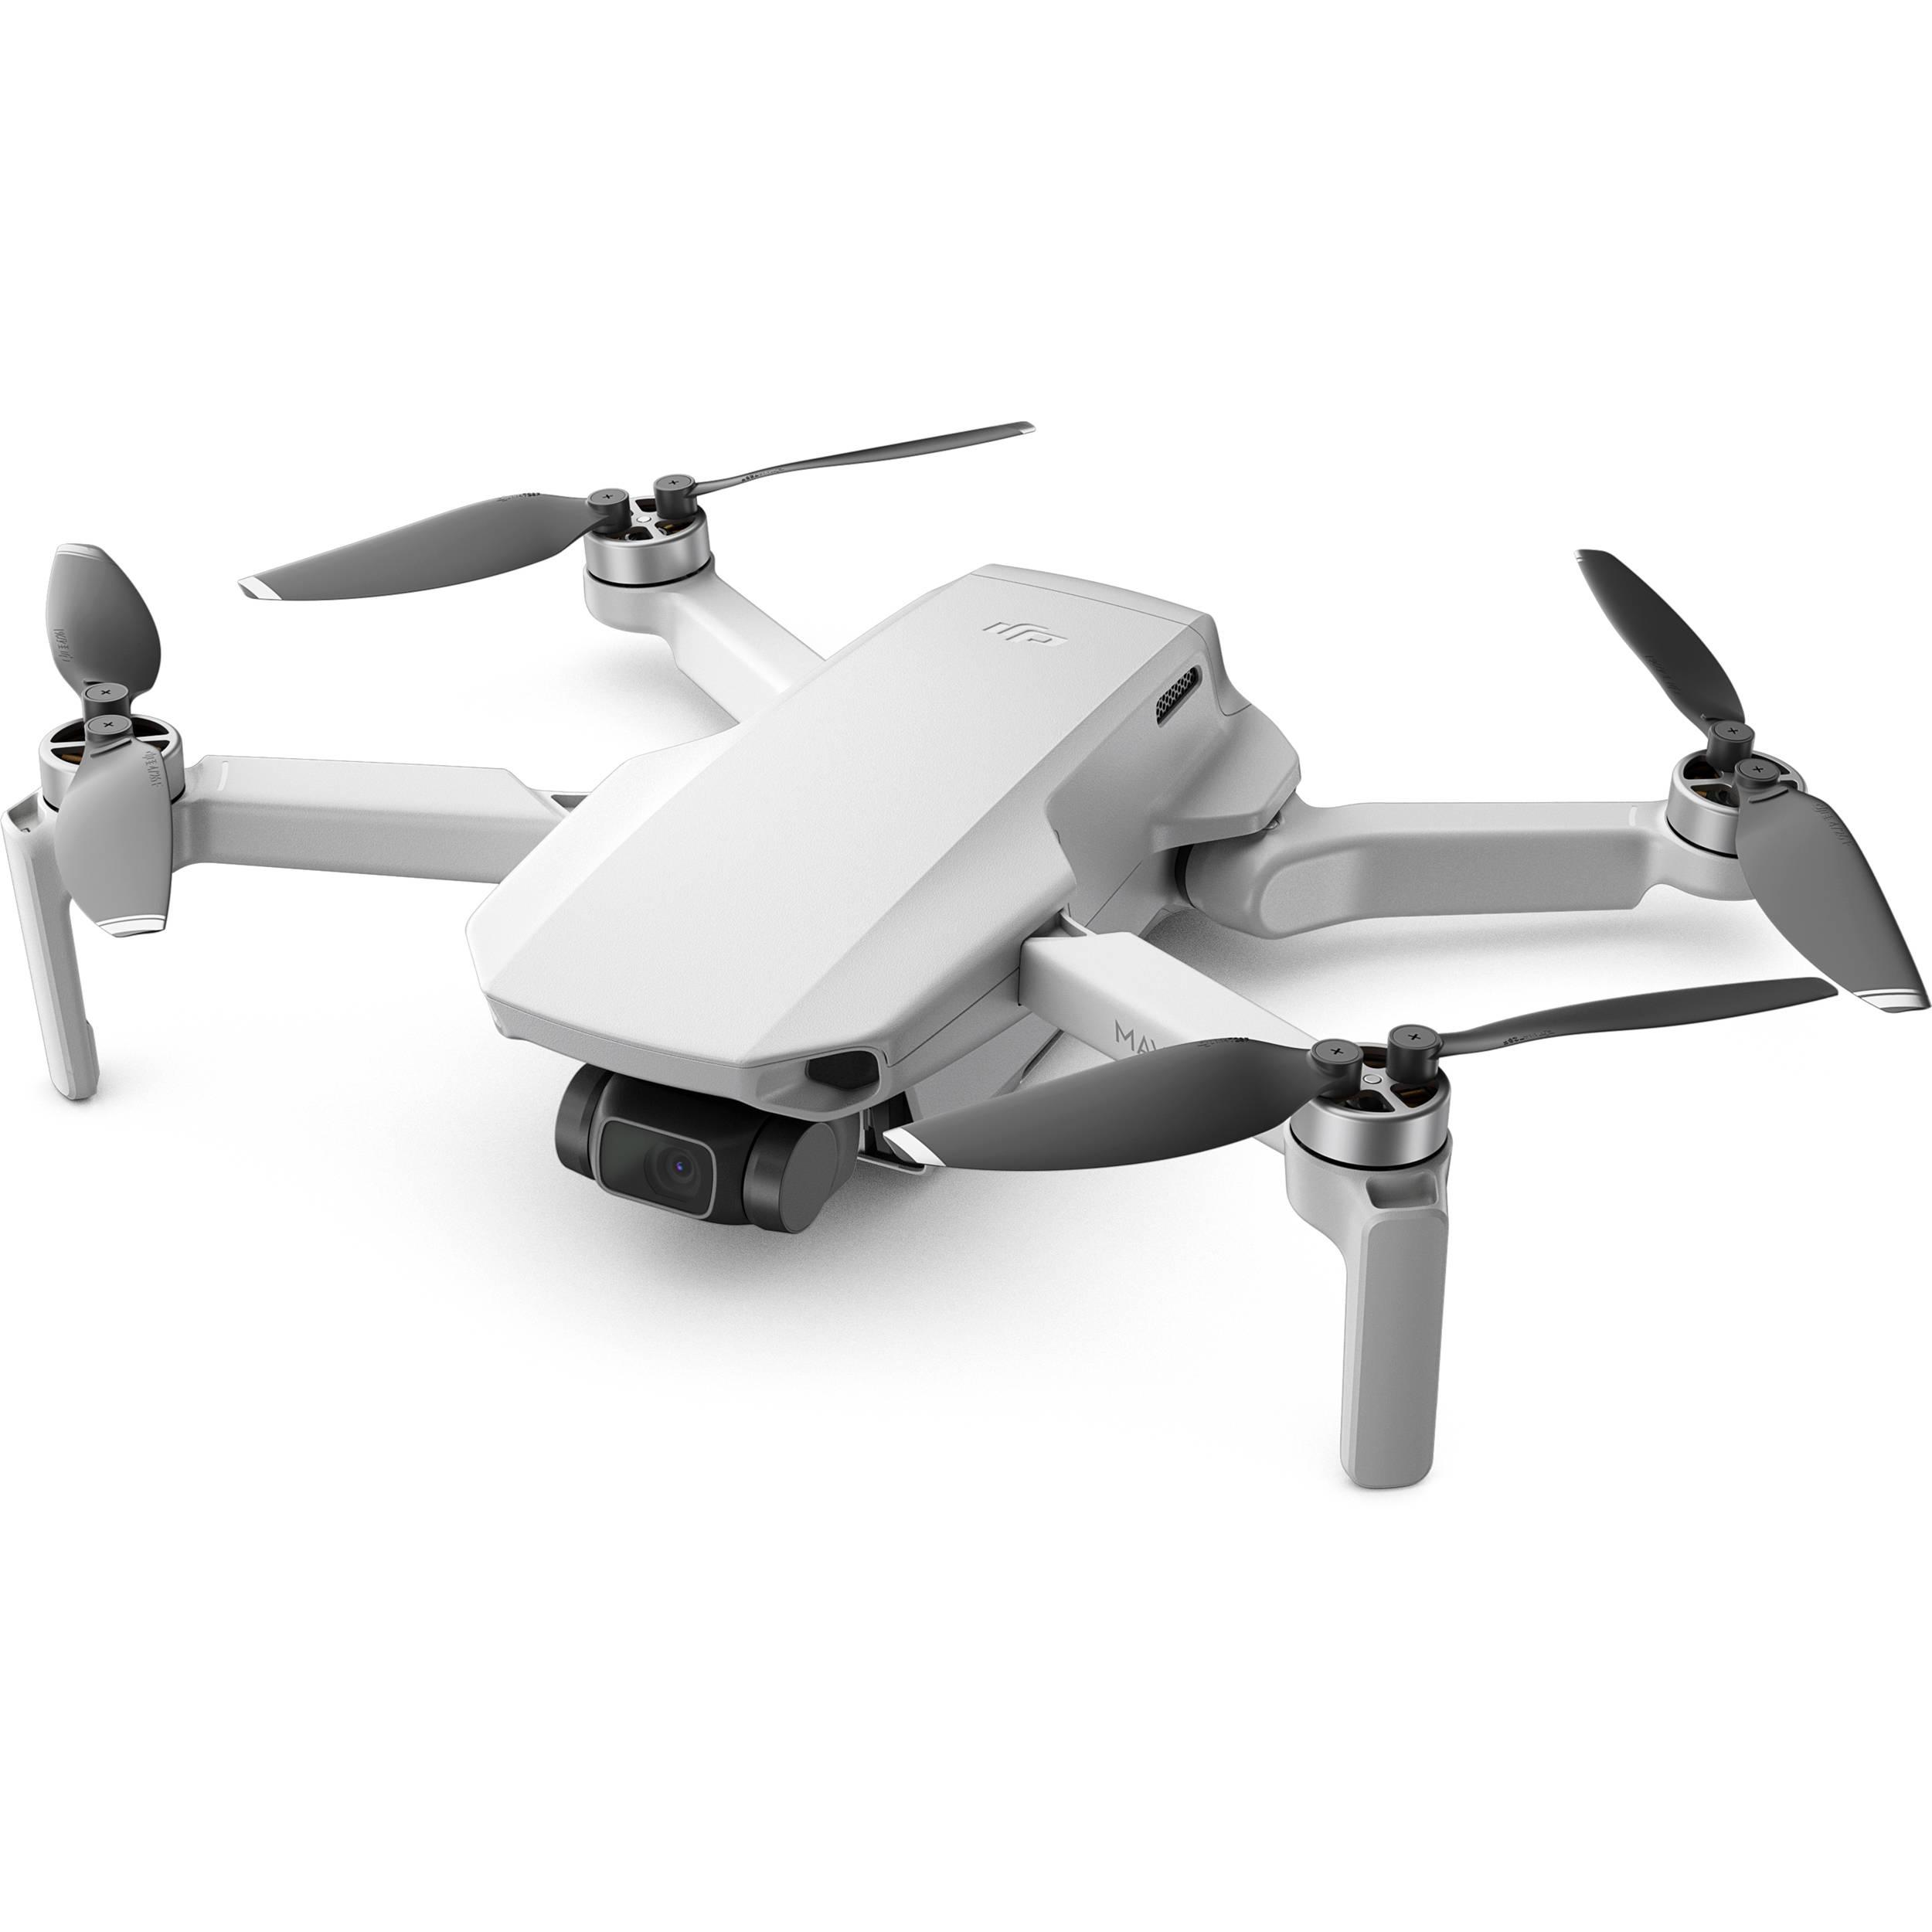 https://alugueseudrone.com.br/wp-content/uploads/2019/11/Drone-DJI-mini.jpg